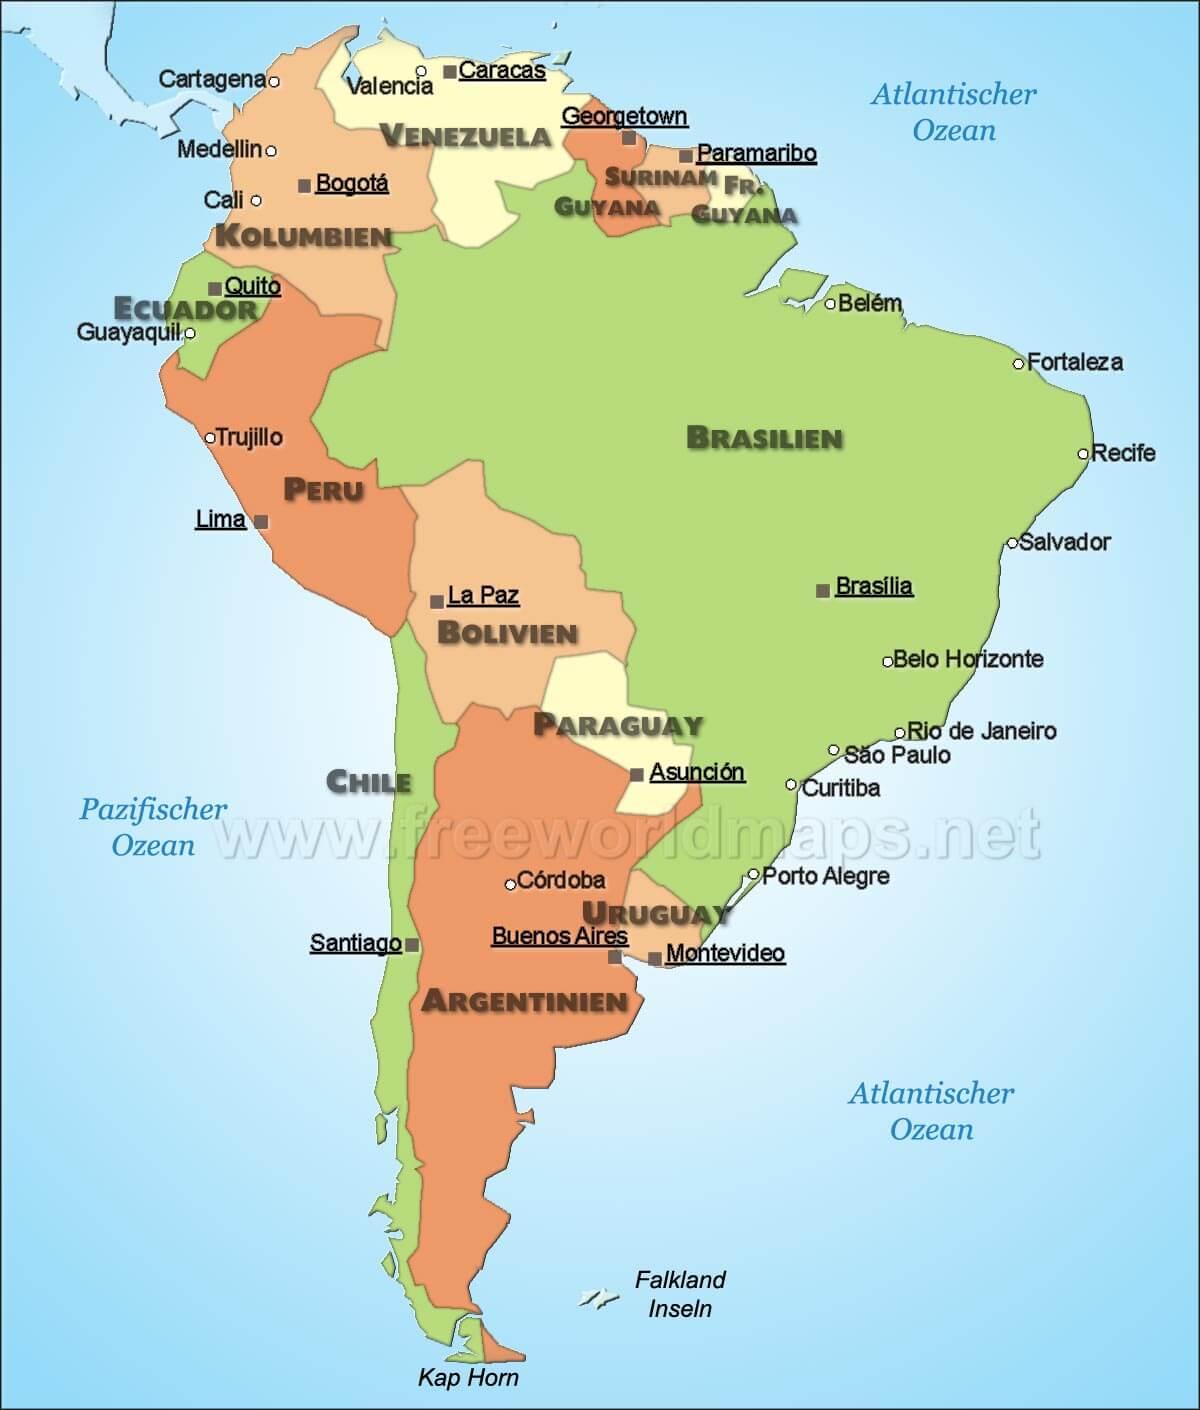 weltkarte südamerika Karte von Südamerika   Freeworldmaps.net weltkarte südamerika